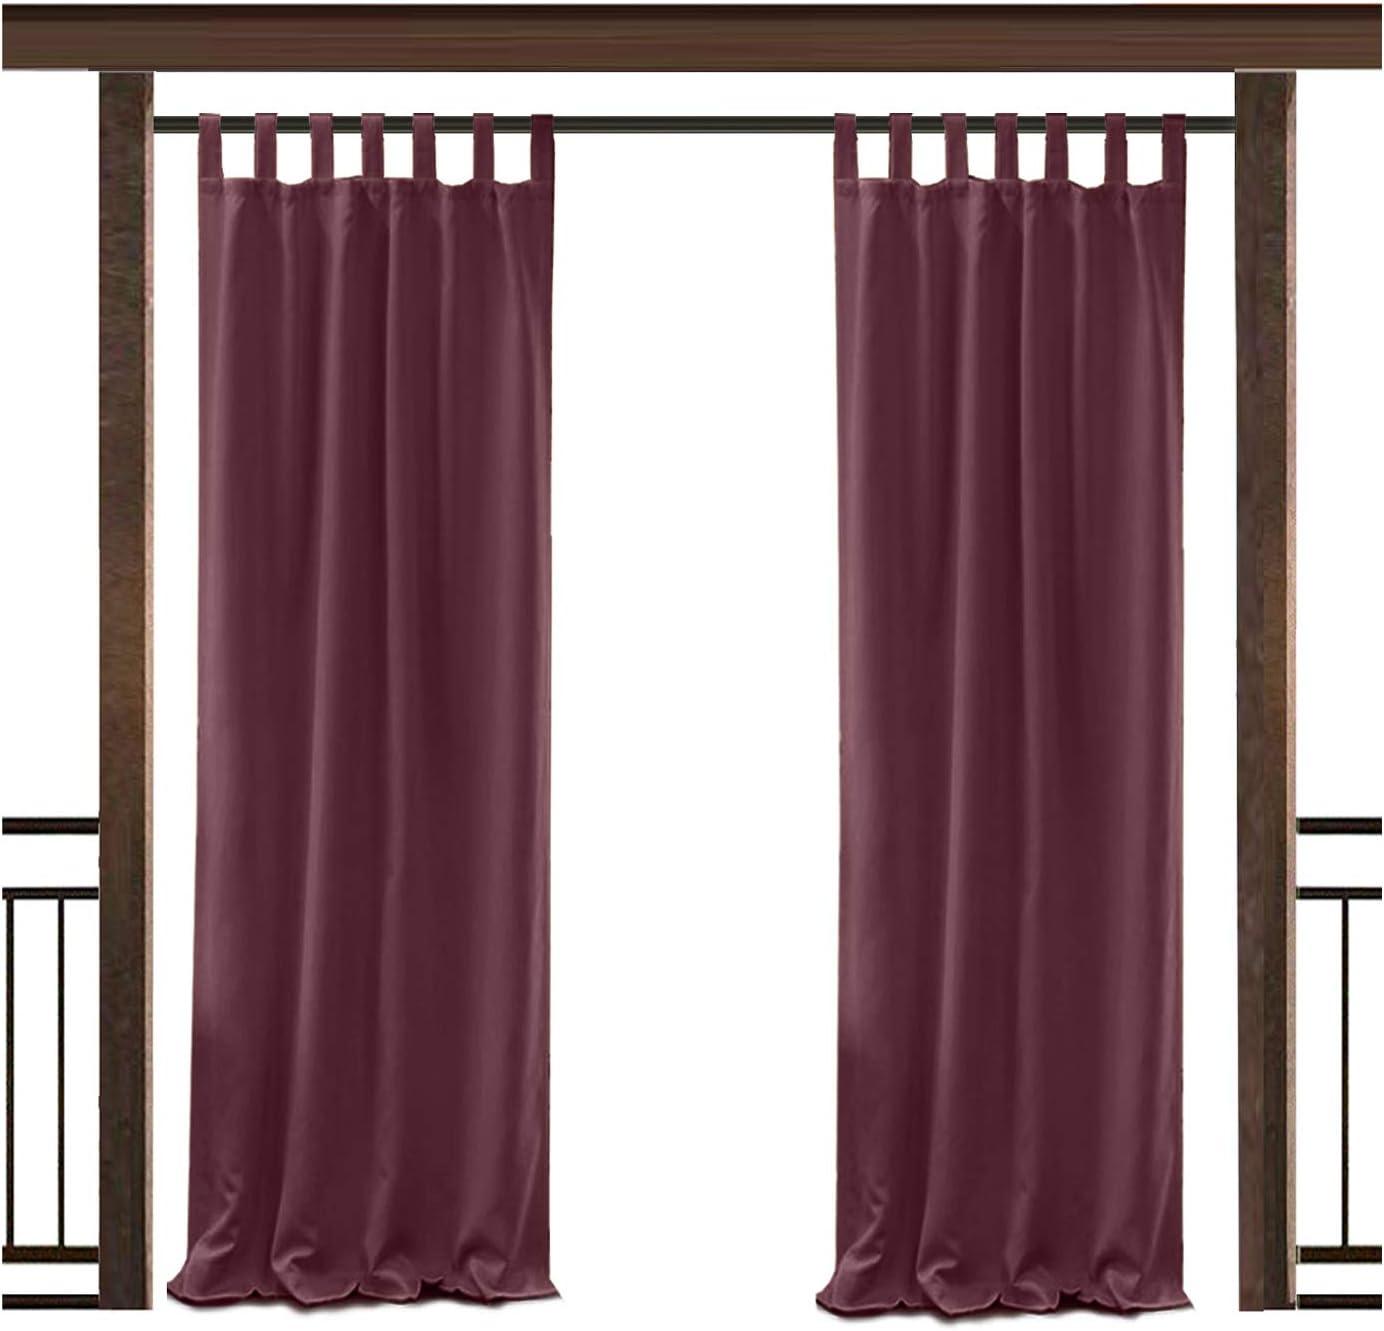 数量は多 TWOPAGES Outdoor Waterproof Curtain Burgundy Drape Tab ブランド買うならブランドオフ Top 150